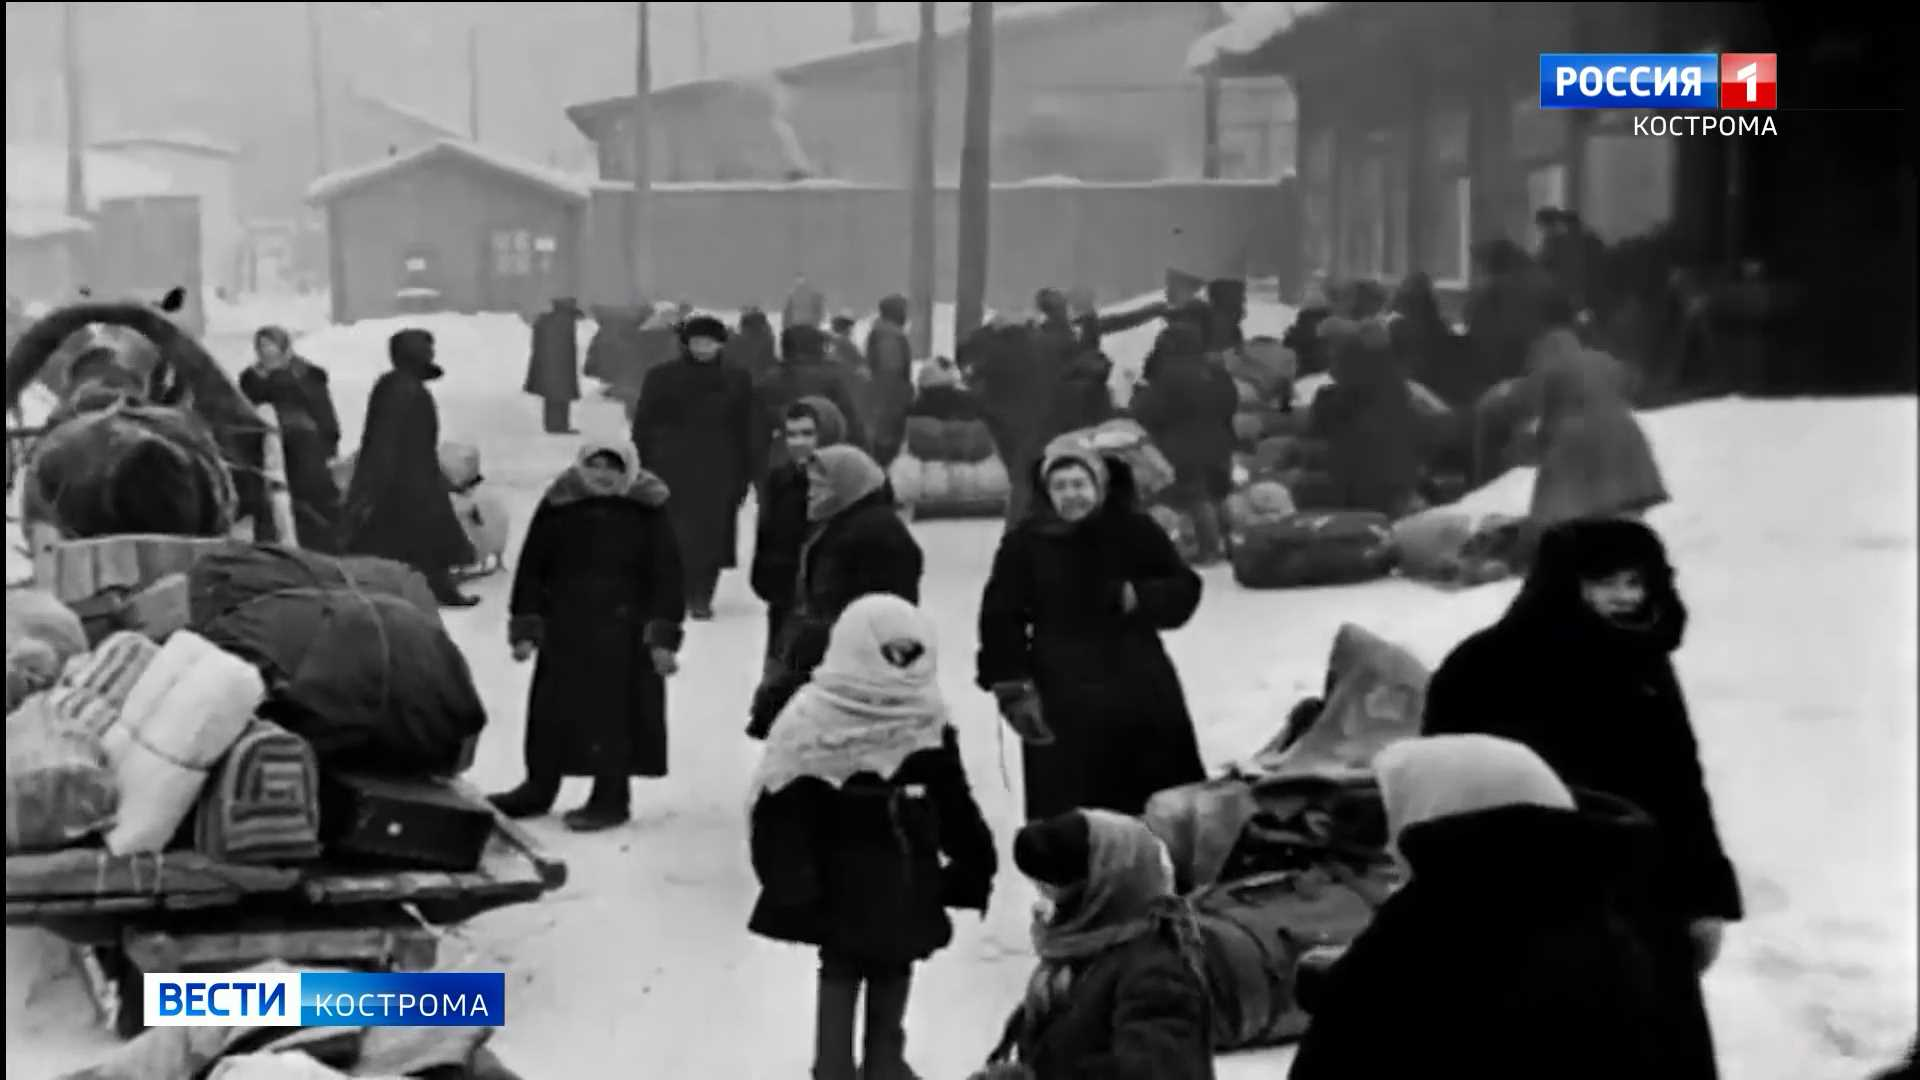 Память: Кострома приютила 10 тысяч детей из блокадного Ленинграда